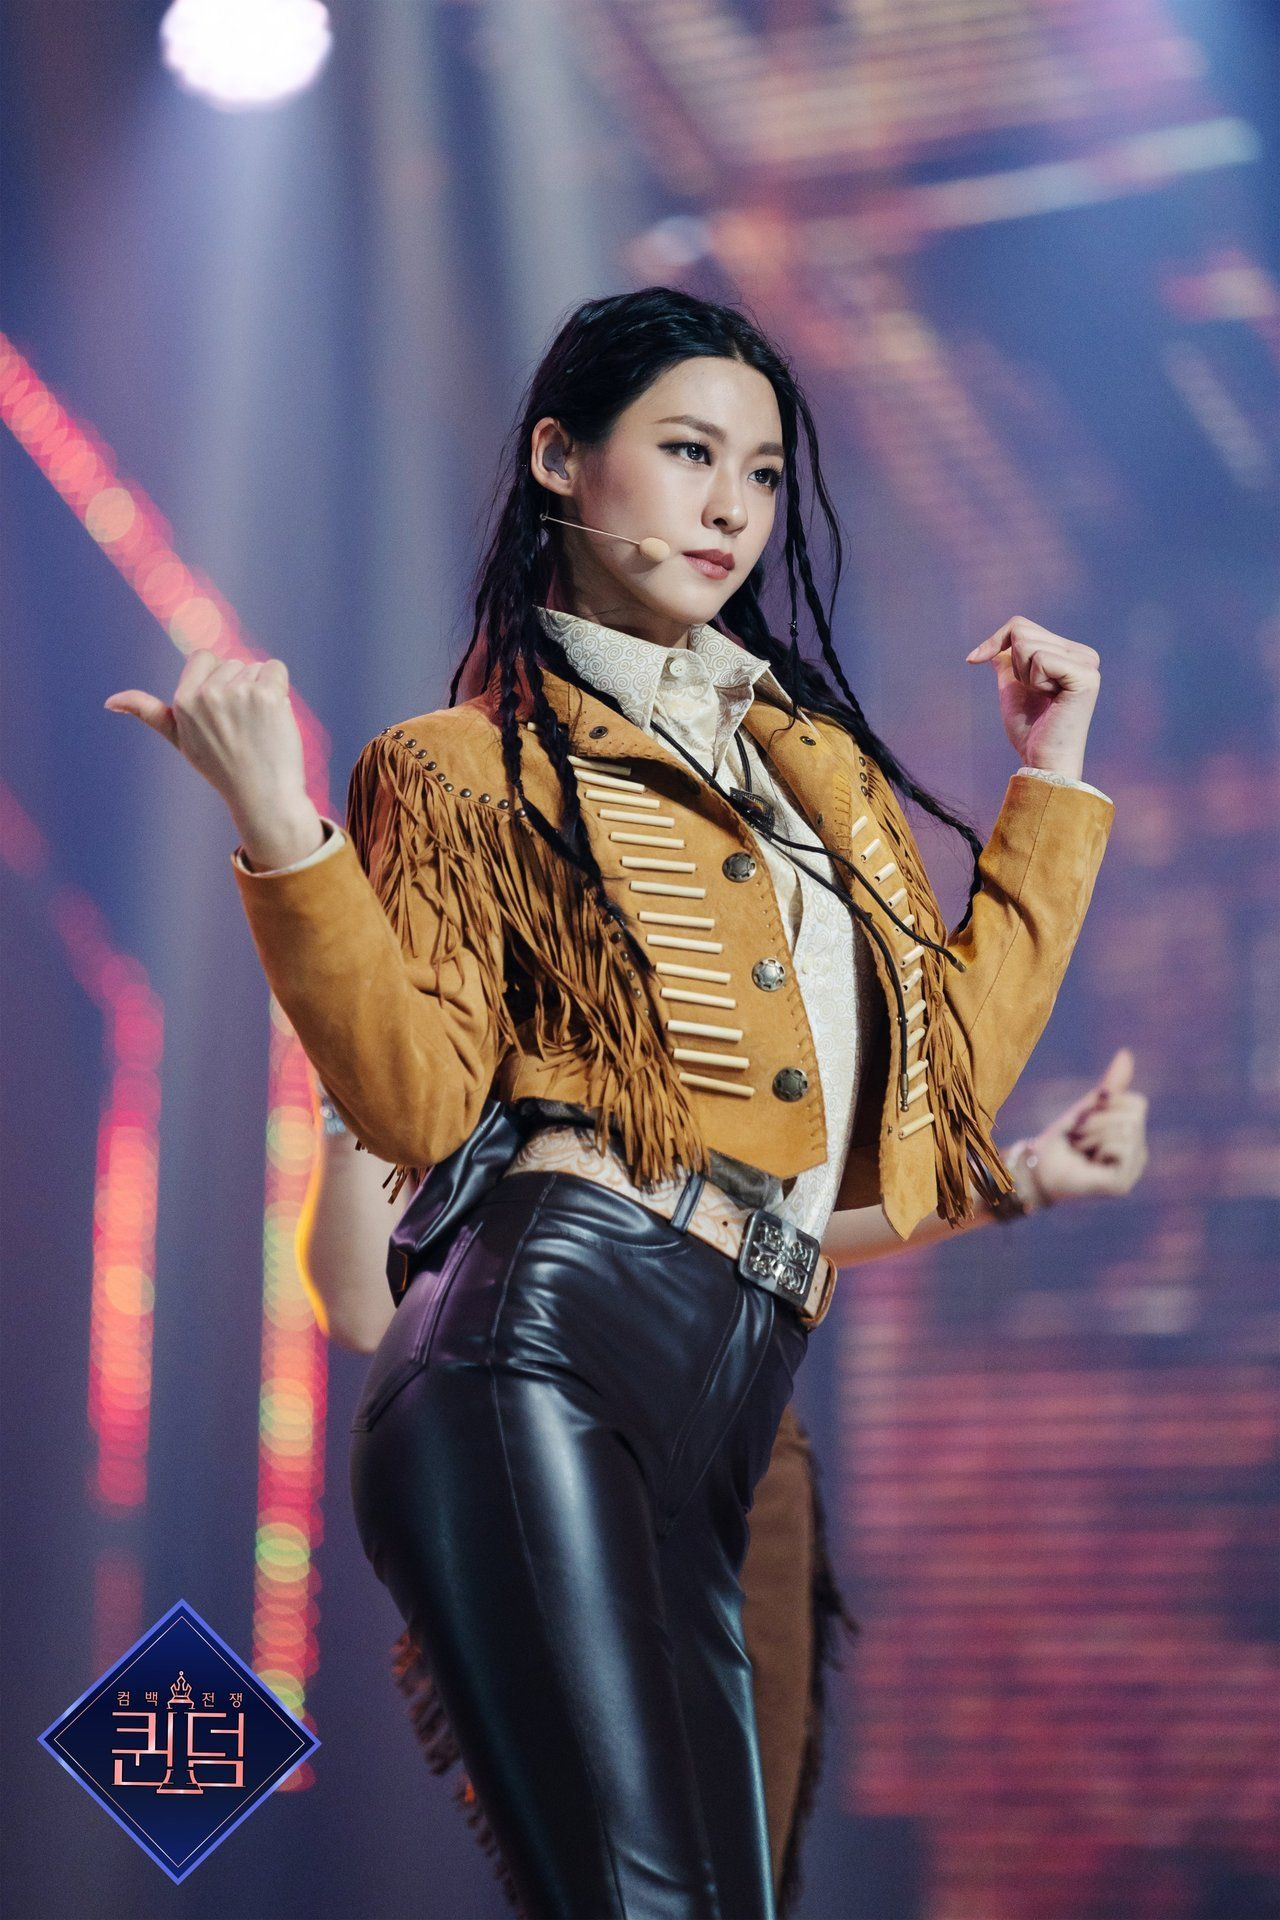 Seolhyun Kim Seol Hyun Aoa Performance Outfit